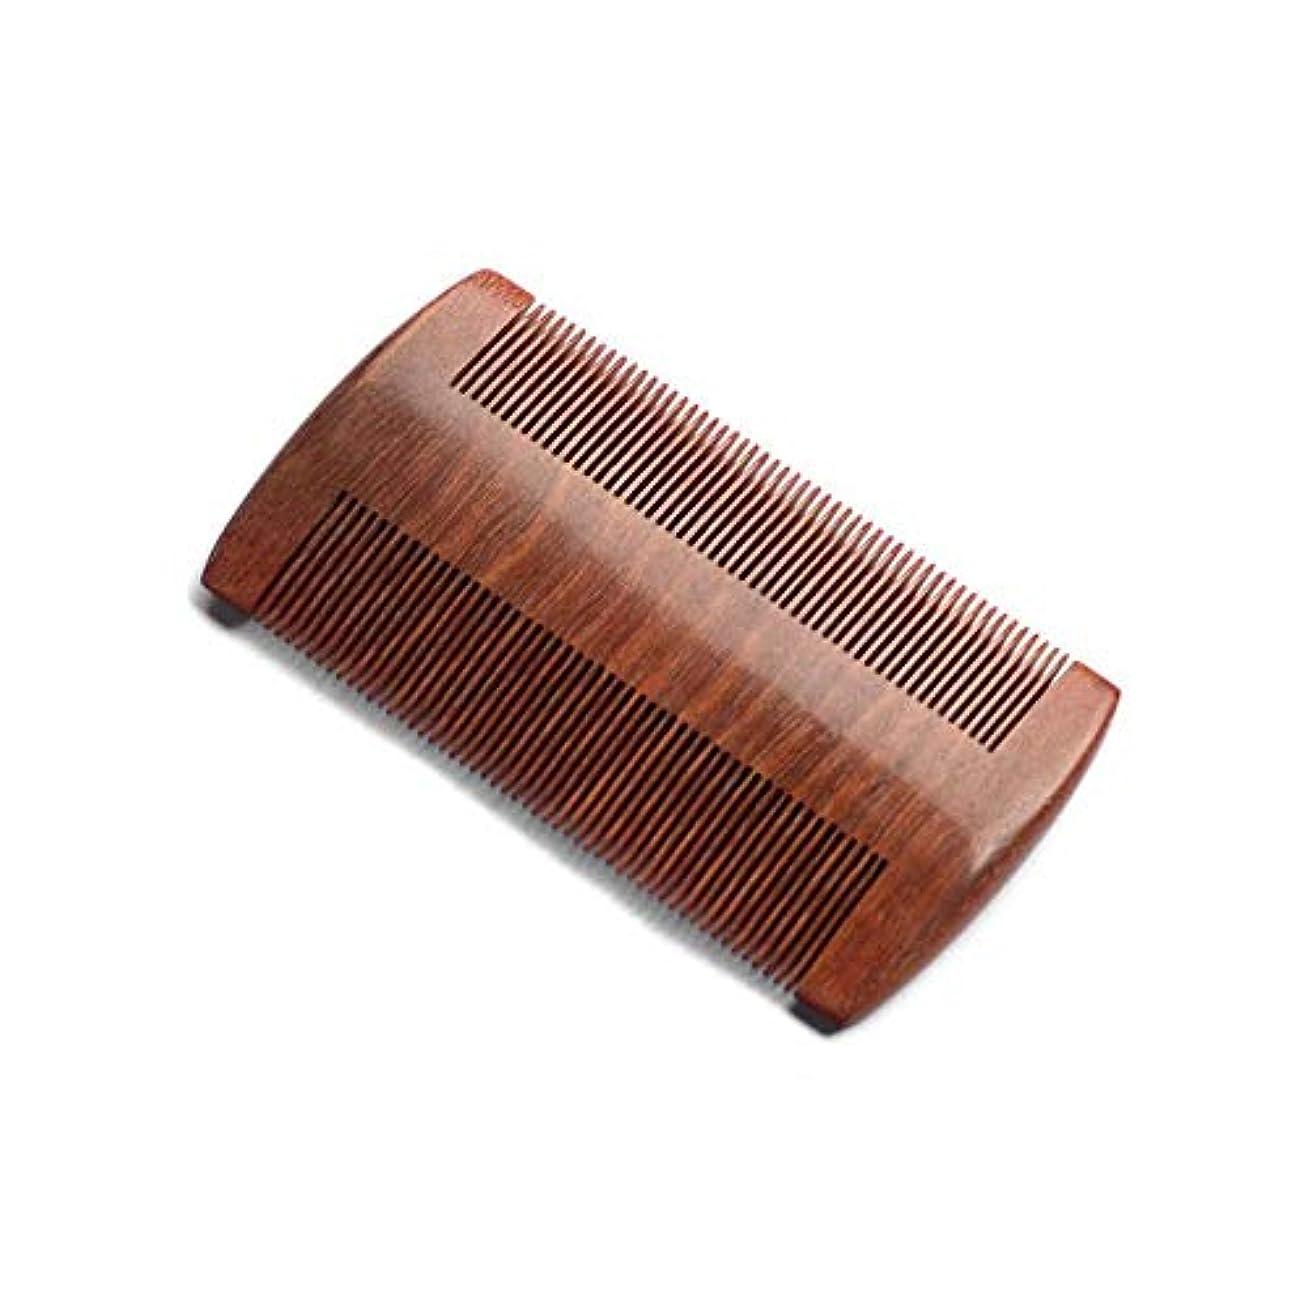 統治可能穴腐敗したZYDP 細かいコンパクトな歯赤白檀の髪の櫛手作りの櫛帯電防止髪の櫛